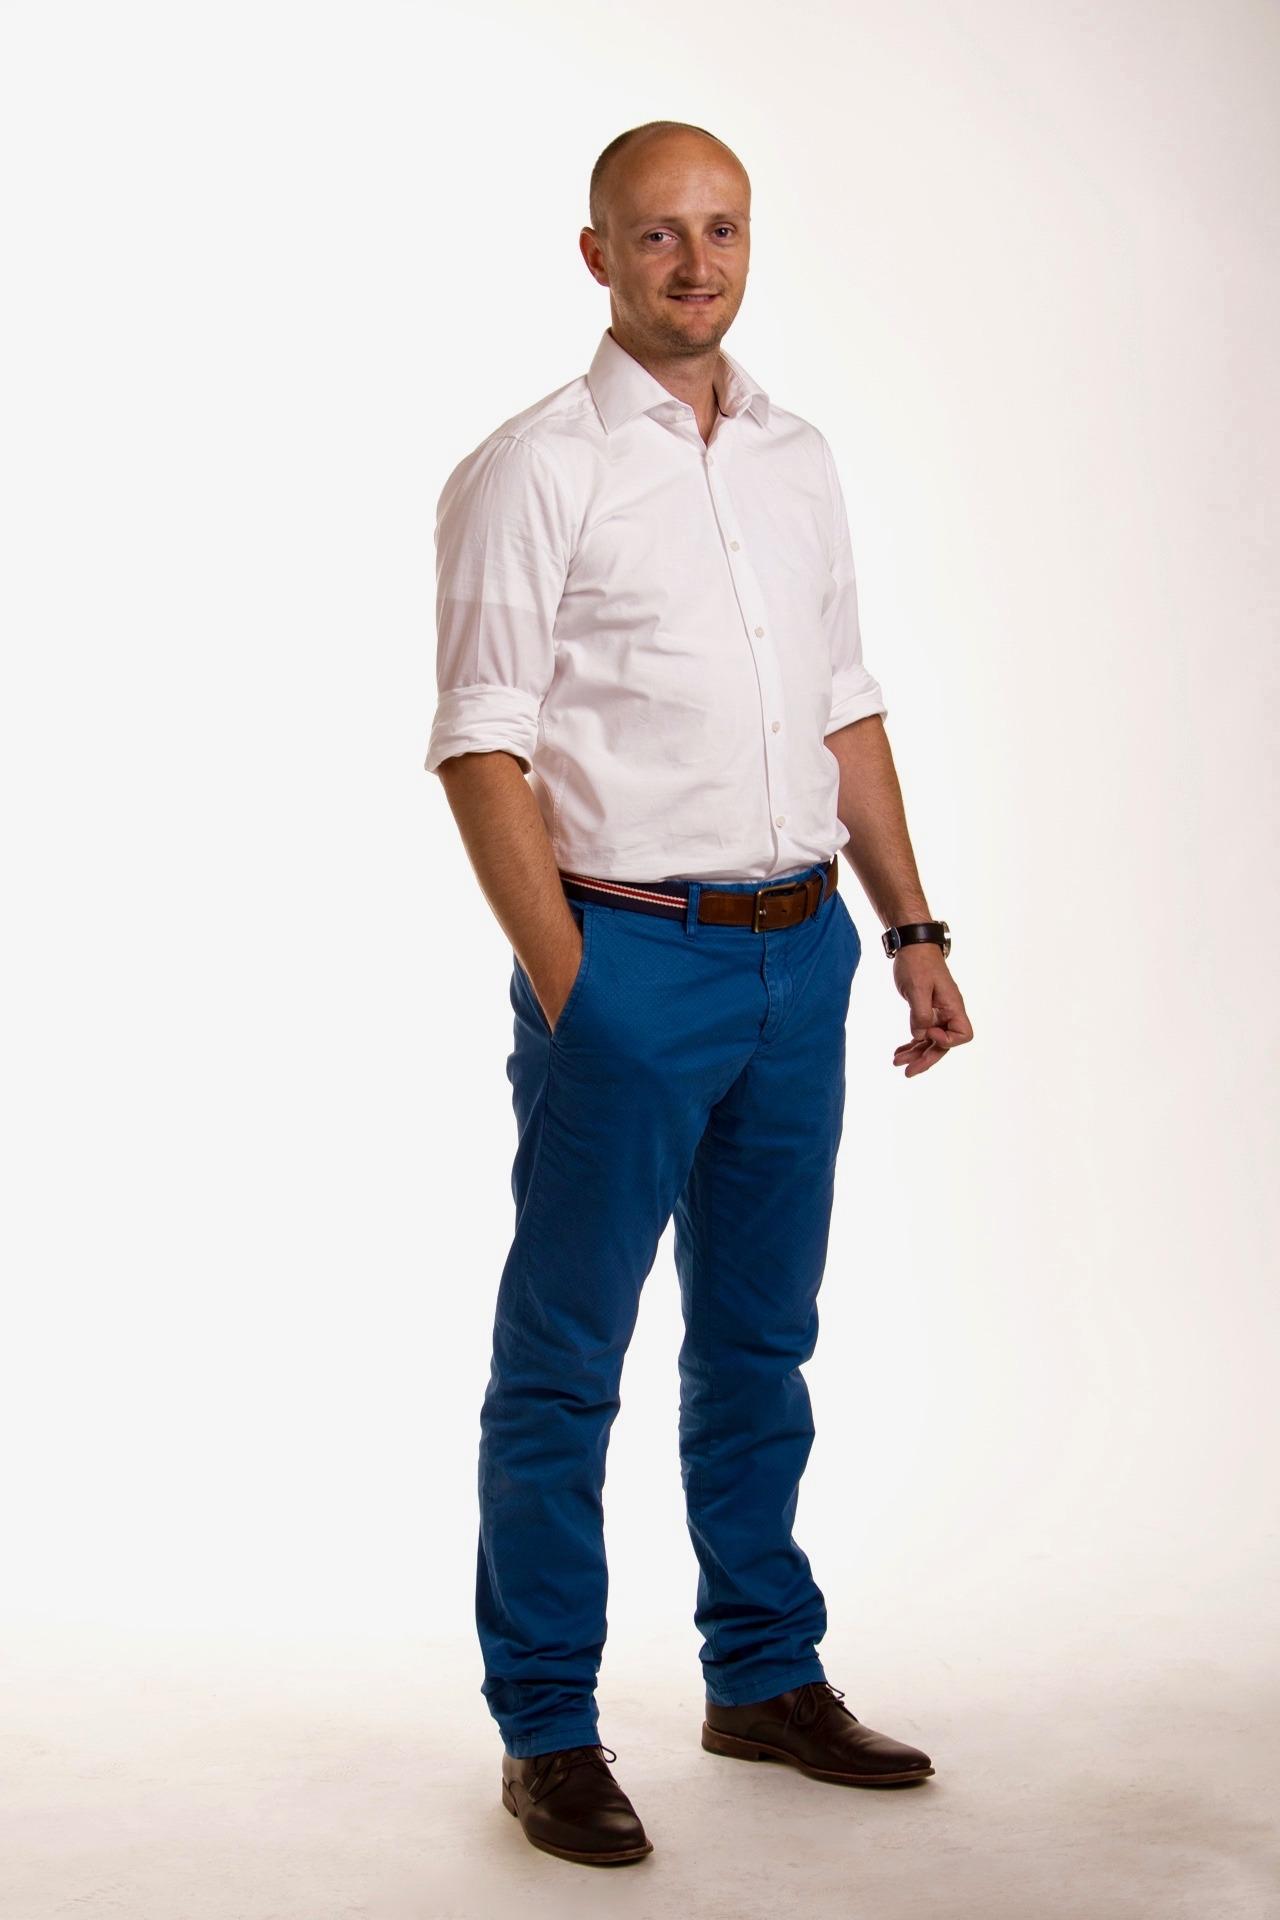 Michal Souček Real Estate Broker